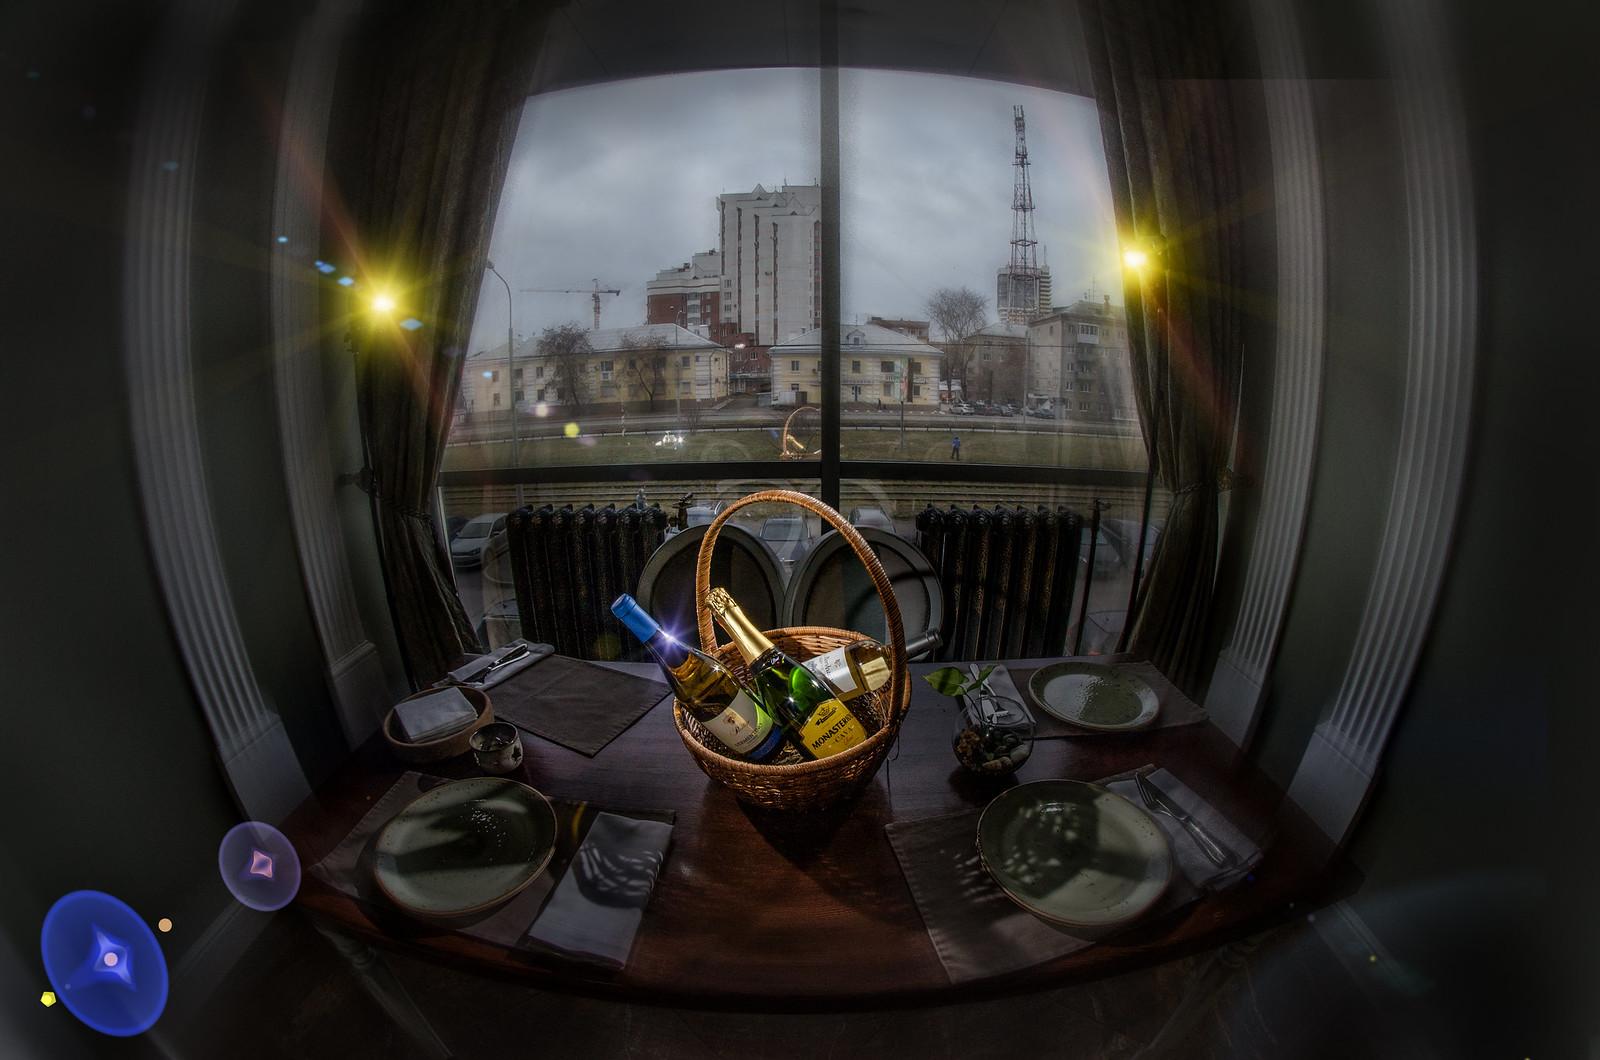 предметный фотограф Екатеринбург - Энотека Code de Vino